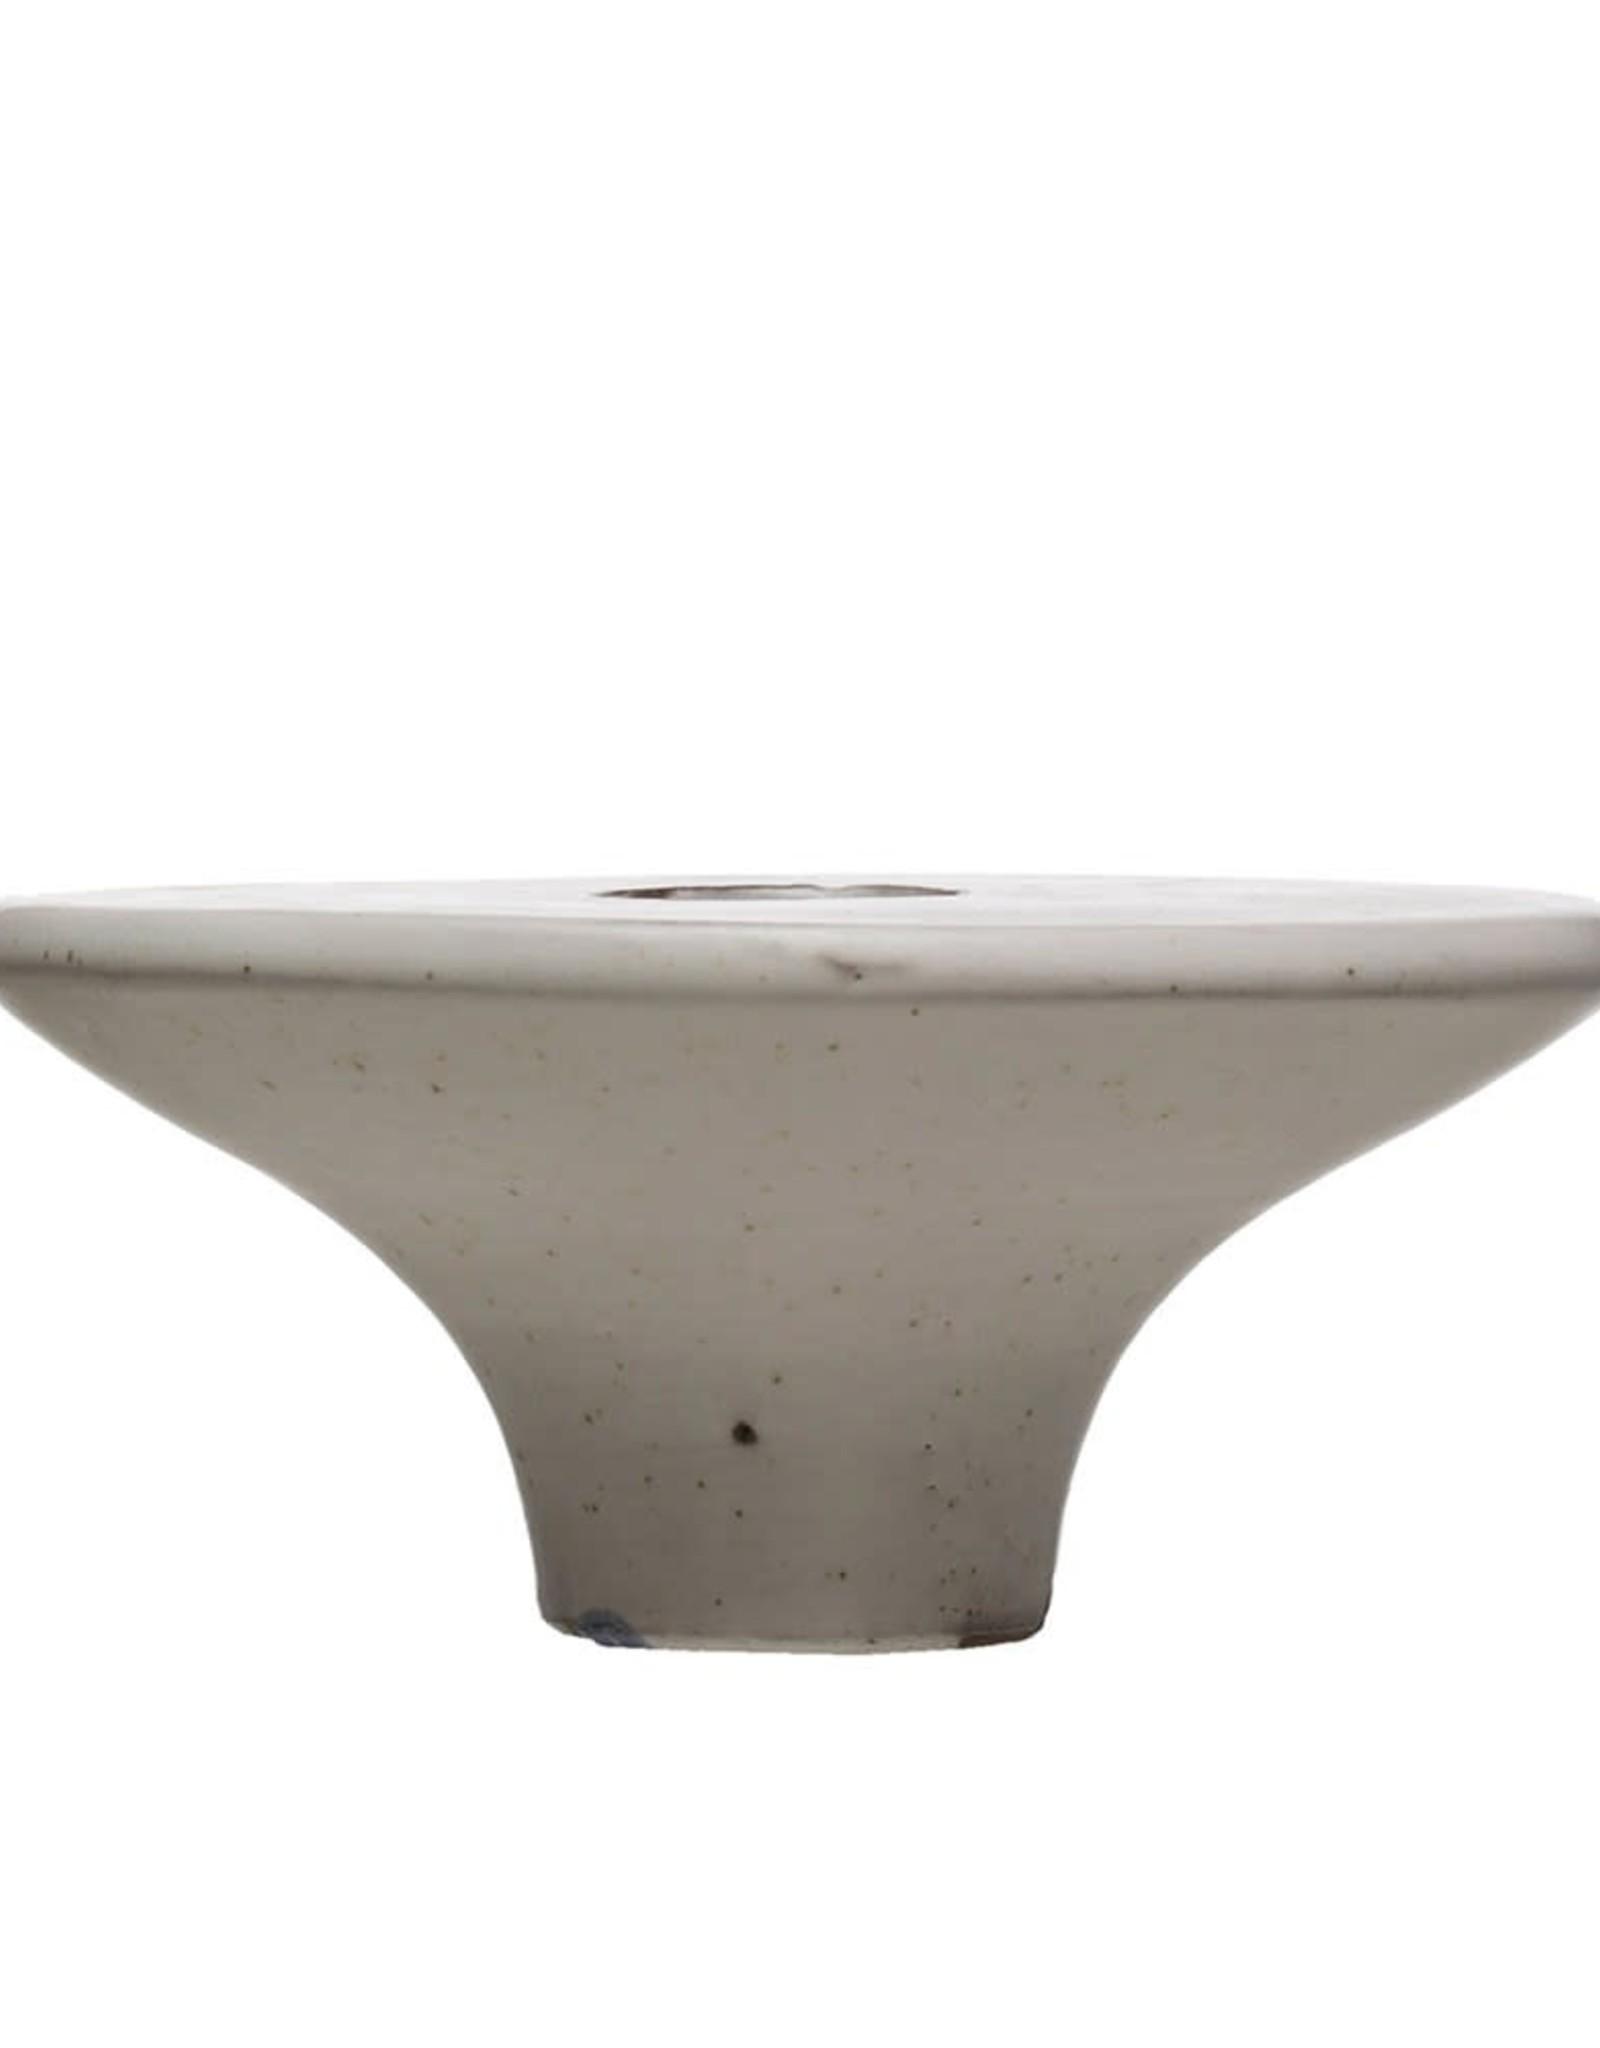 Terra-cotta Vase - White